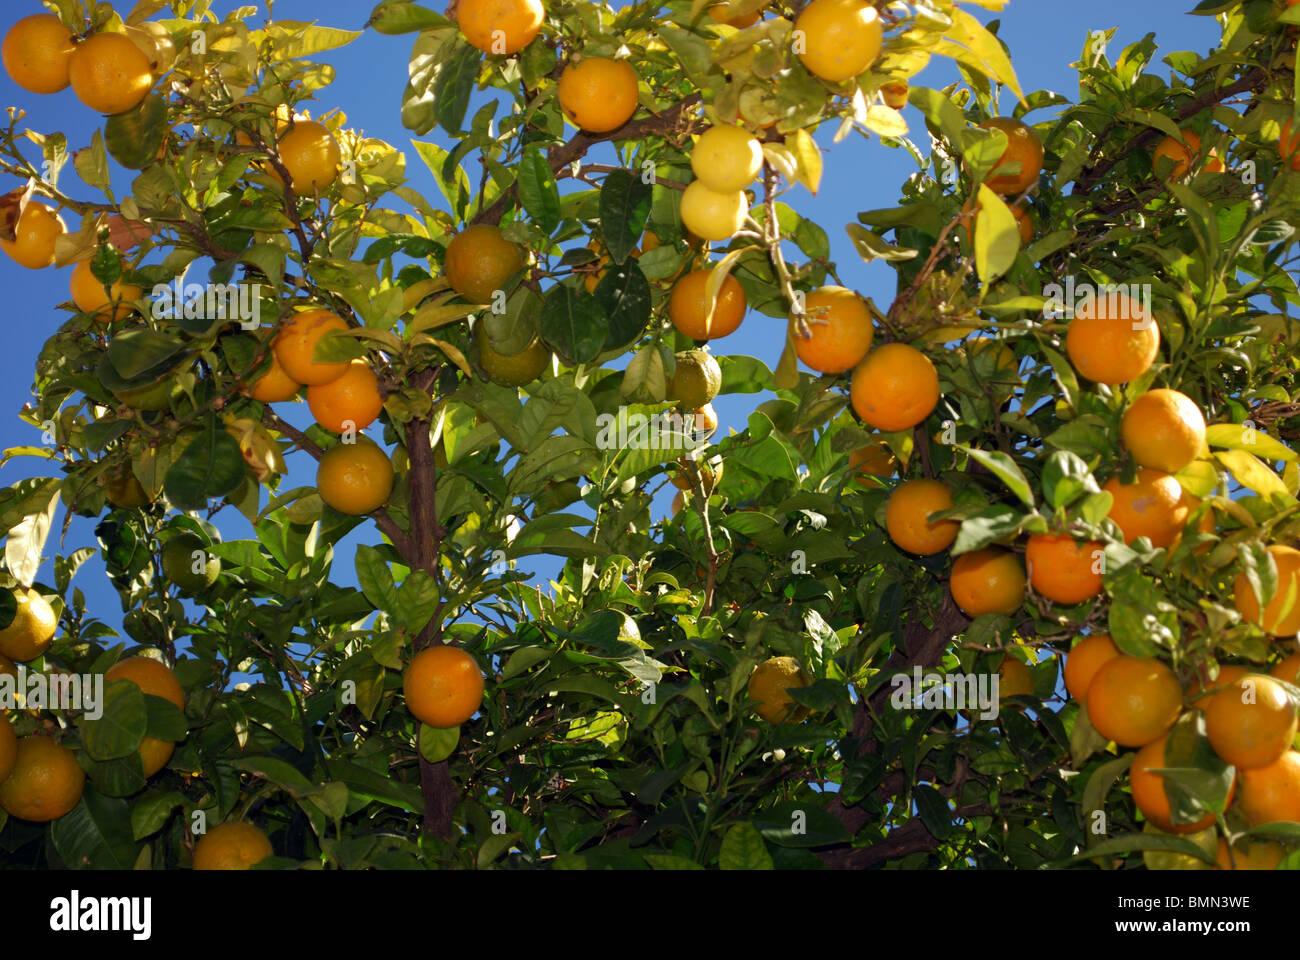 Oranges tree in the Plaza de la Victoria, Plaza de la Victoria, Estepa, Seville Province, Andalucia, Spain, Western - Stock Image